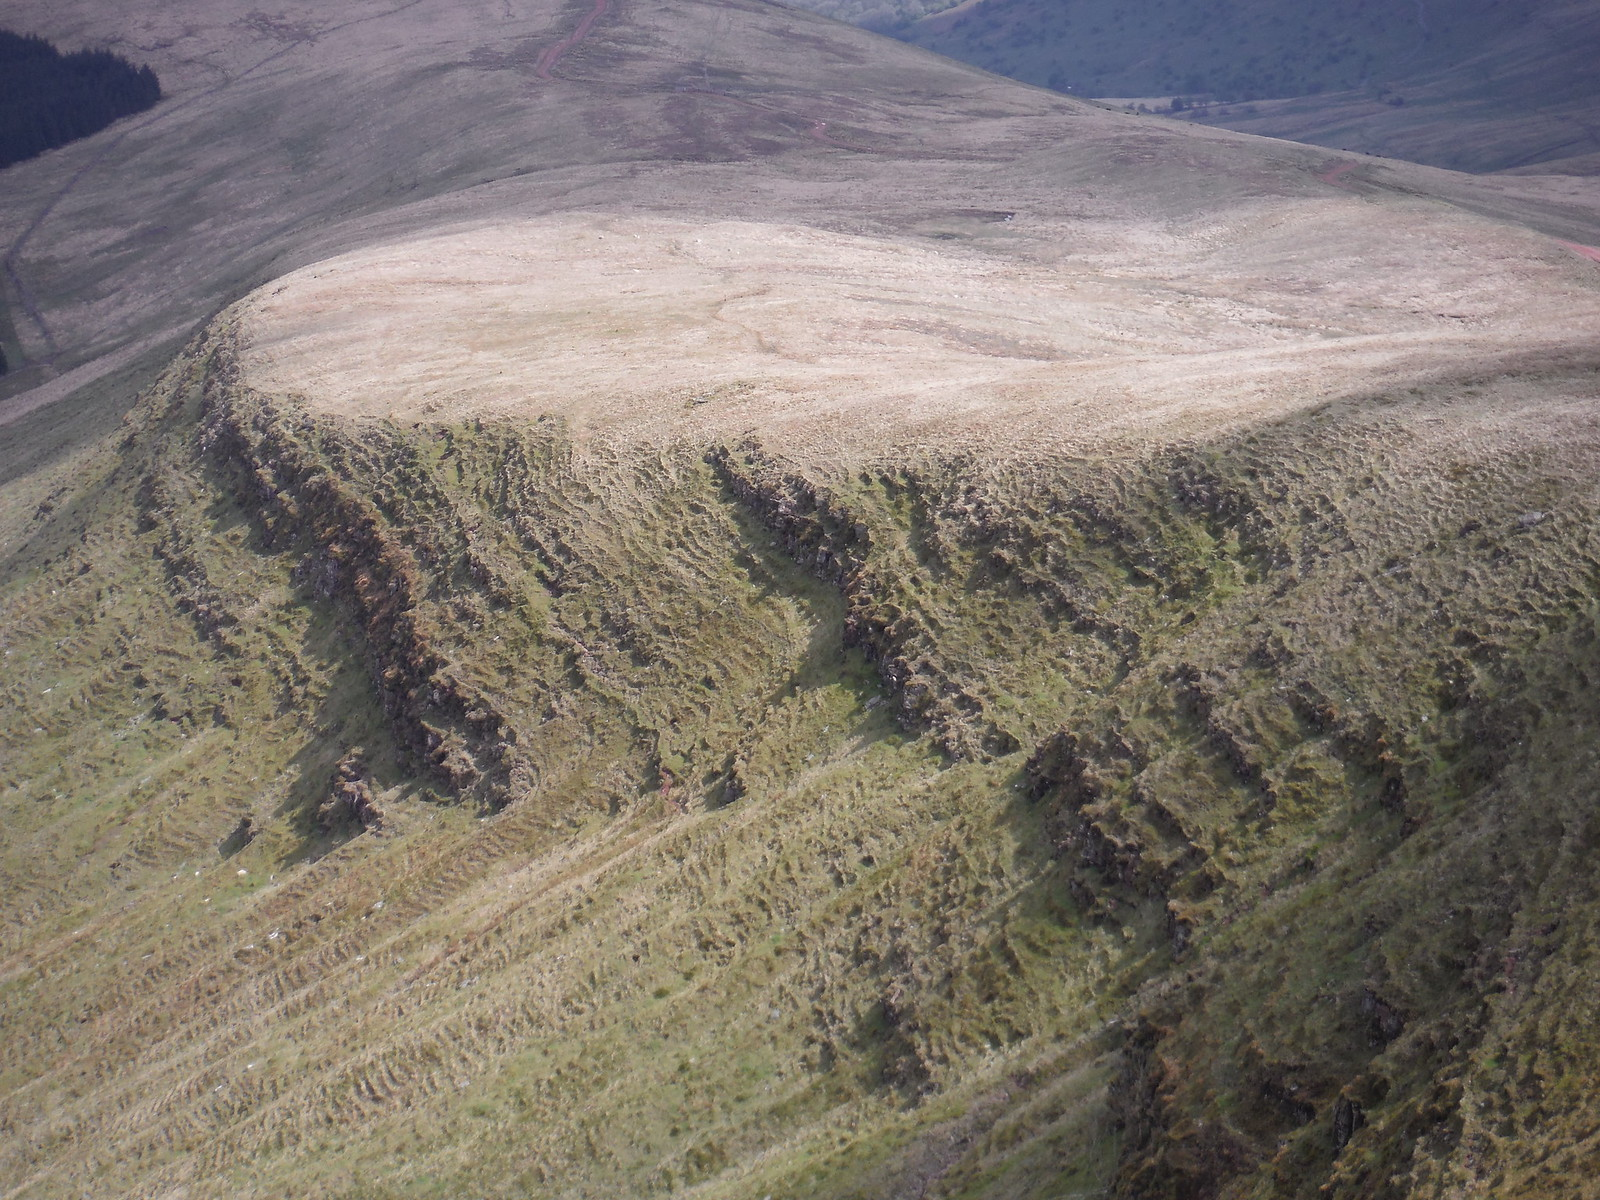 Rockslips in Scarp of Fan Gyhirych SWC Walk 307 - Fforest Fawr Traverse (Craig y Nos to Llwyn-y-celyn)